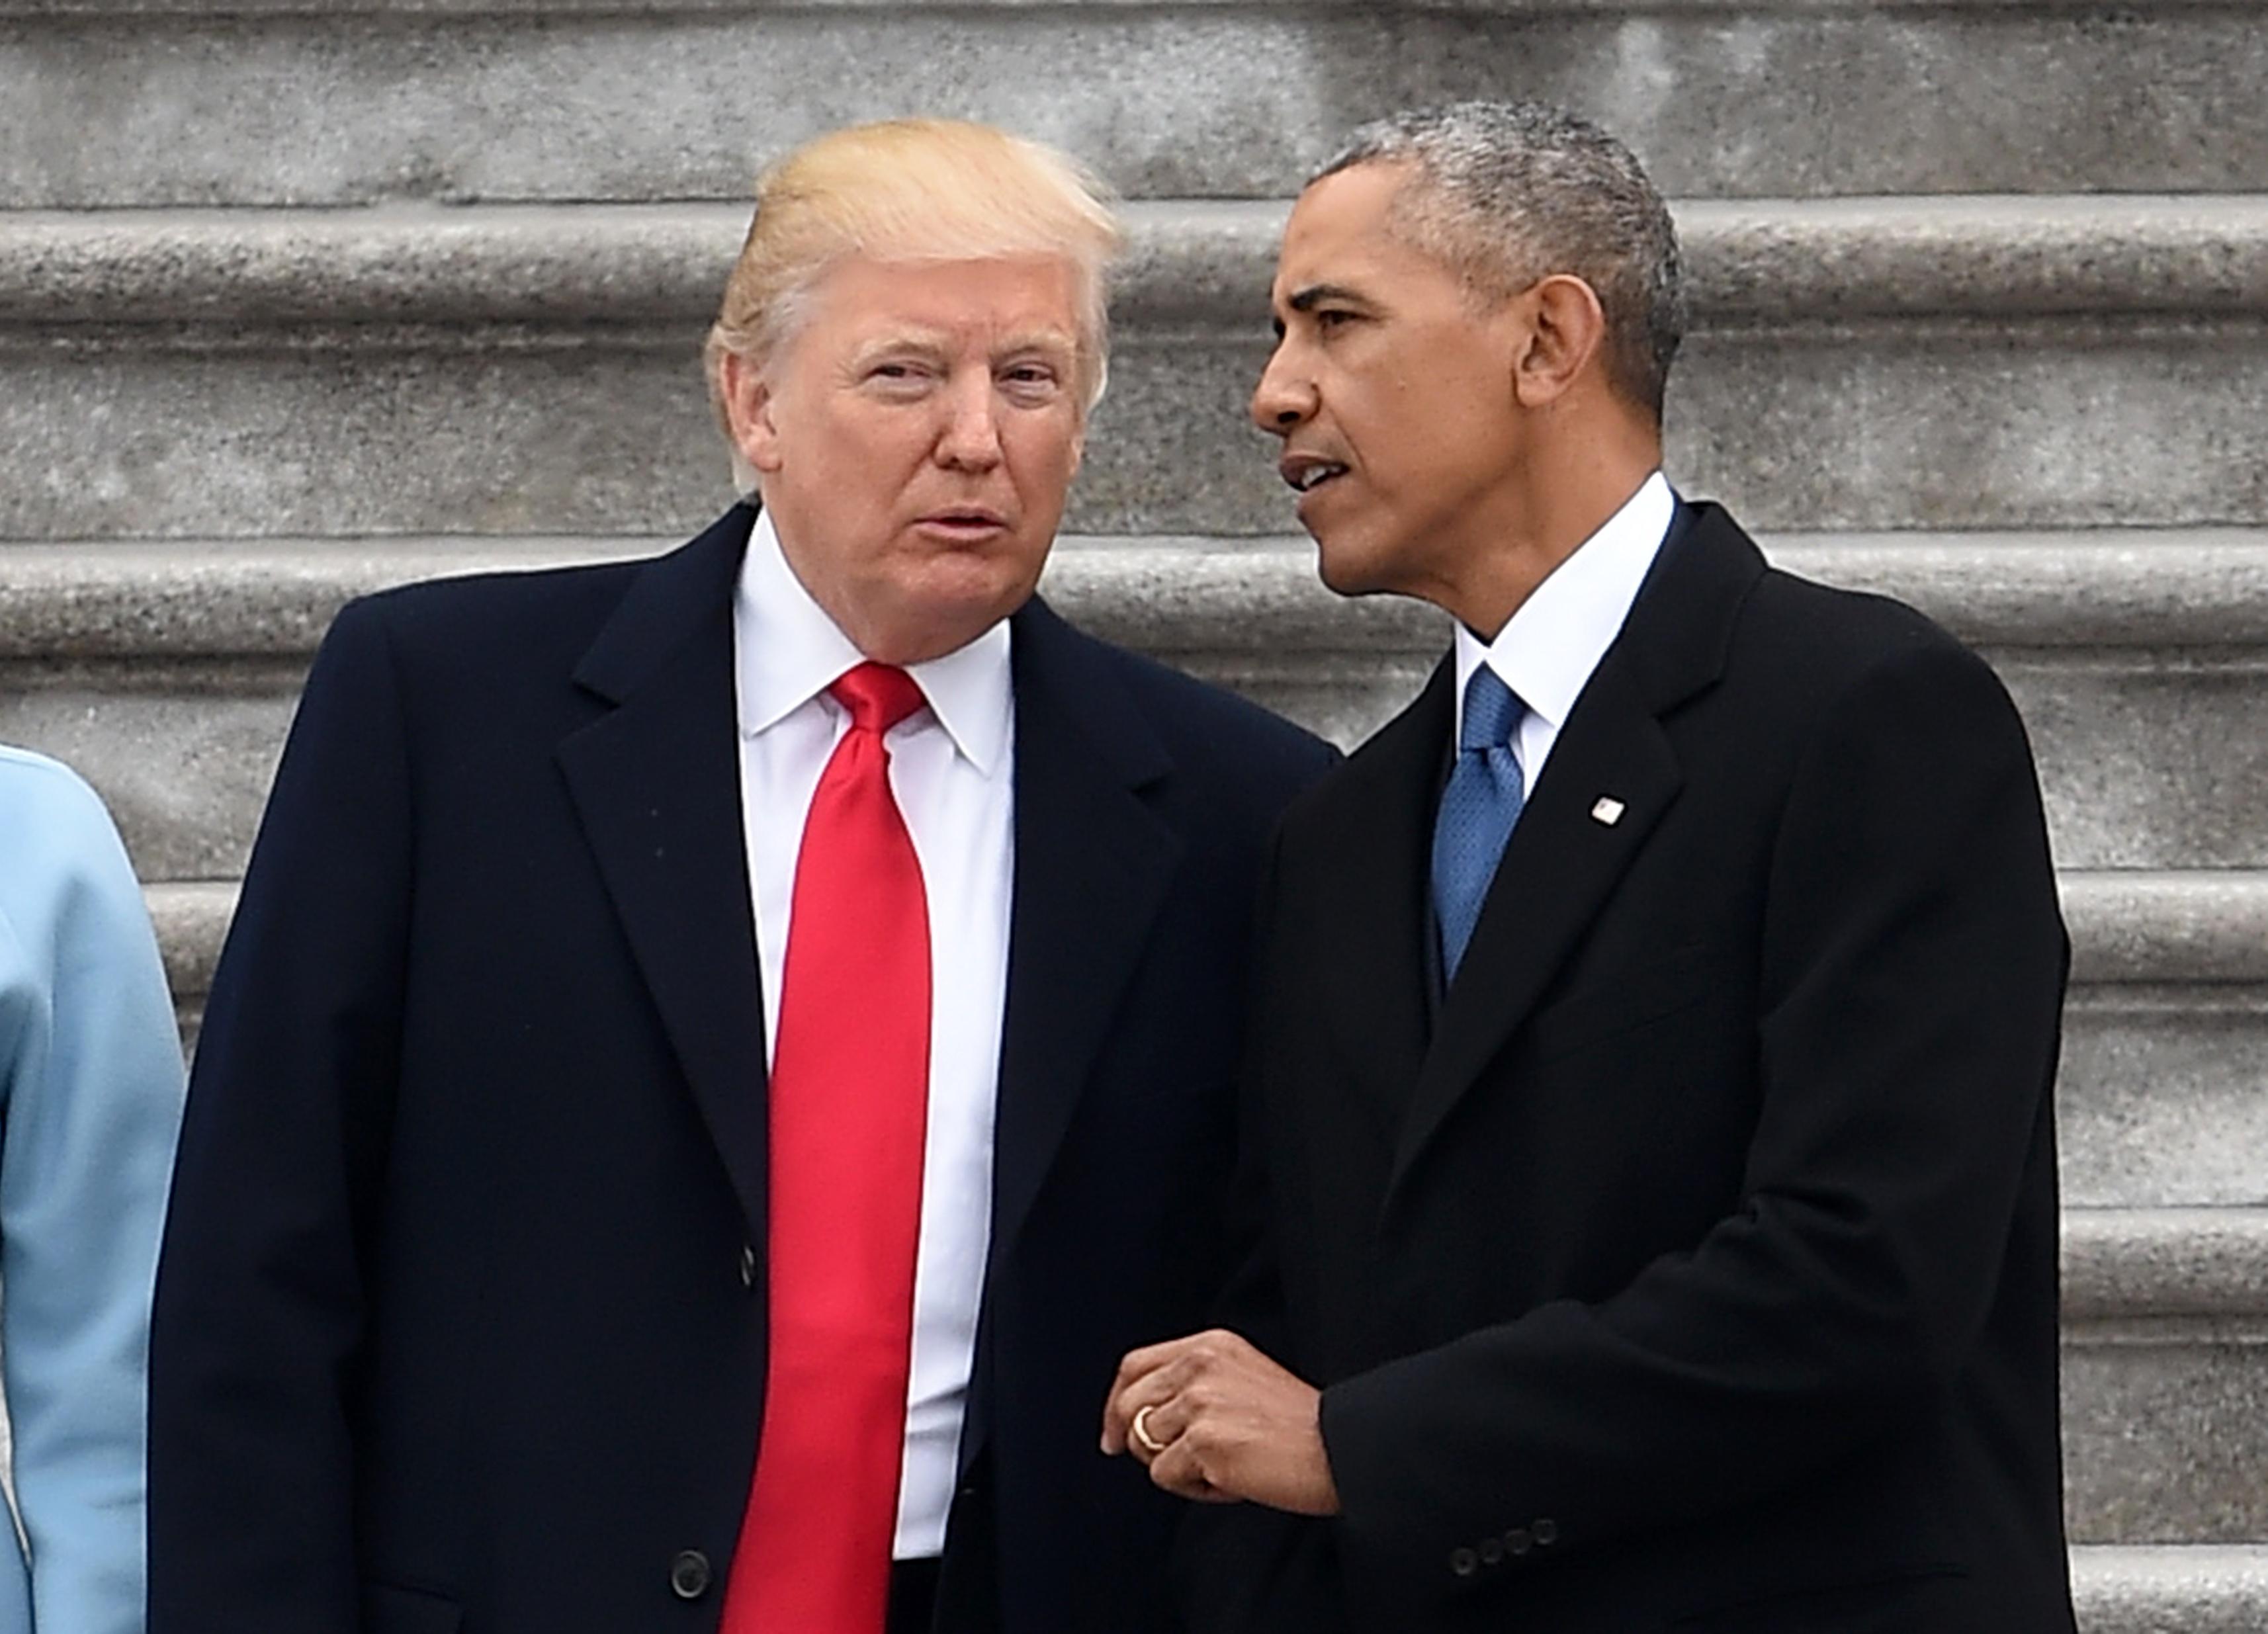 Donald Trump y Barack Obama hablan después de la ceremonia de posesión en Washington. (Crédito: ROBYN BECK/AFP/Getty Images)